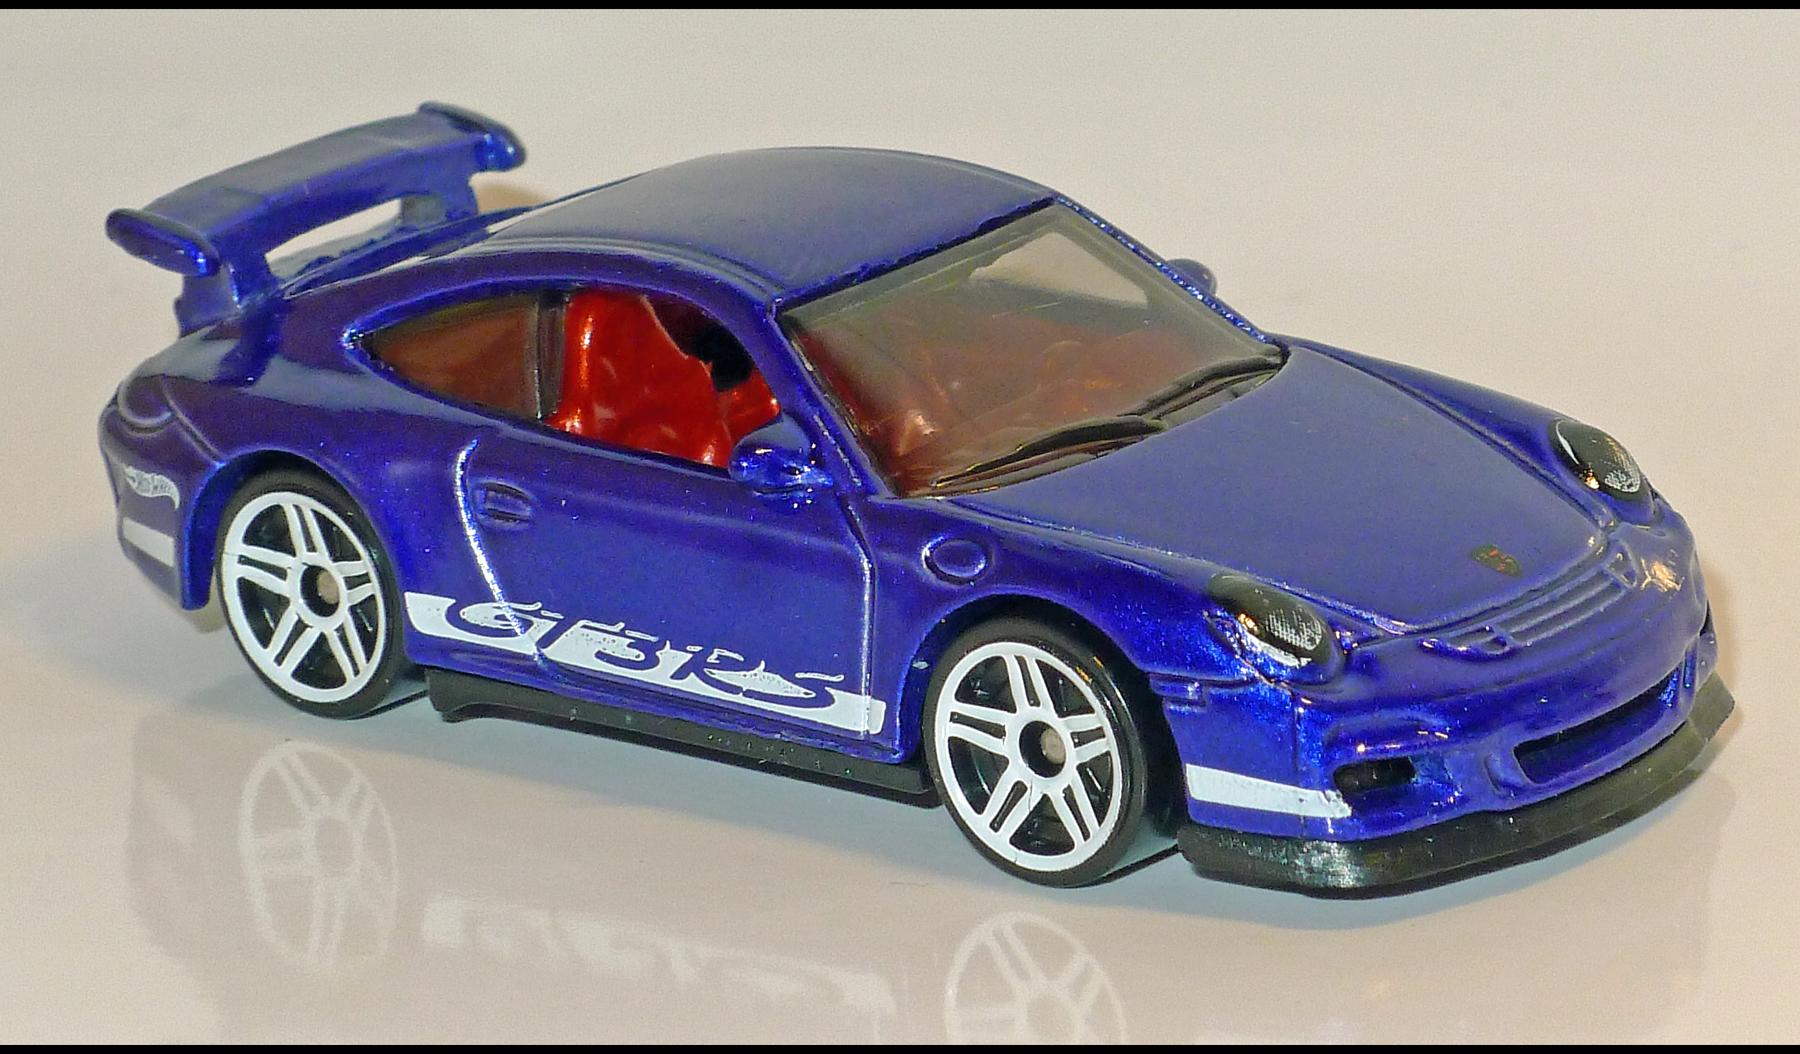 Porsche 911 Gt3 Rs 2011 Hot Wheels Wiki Fandom